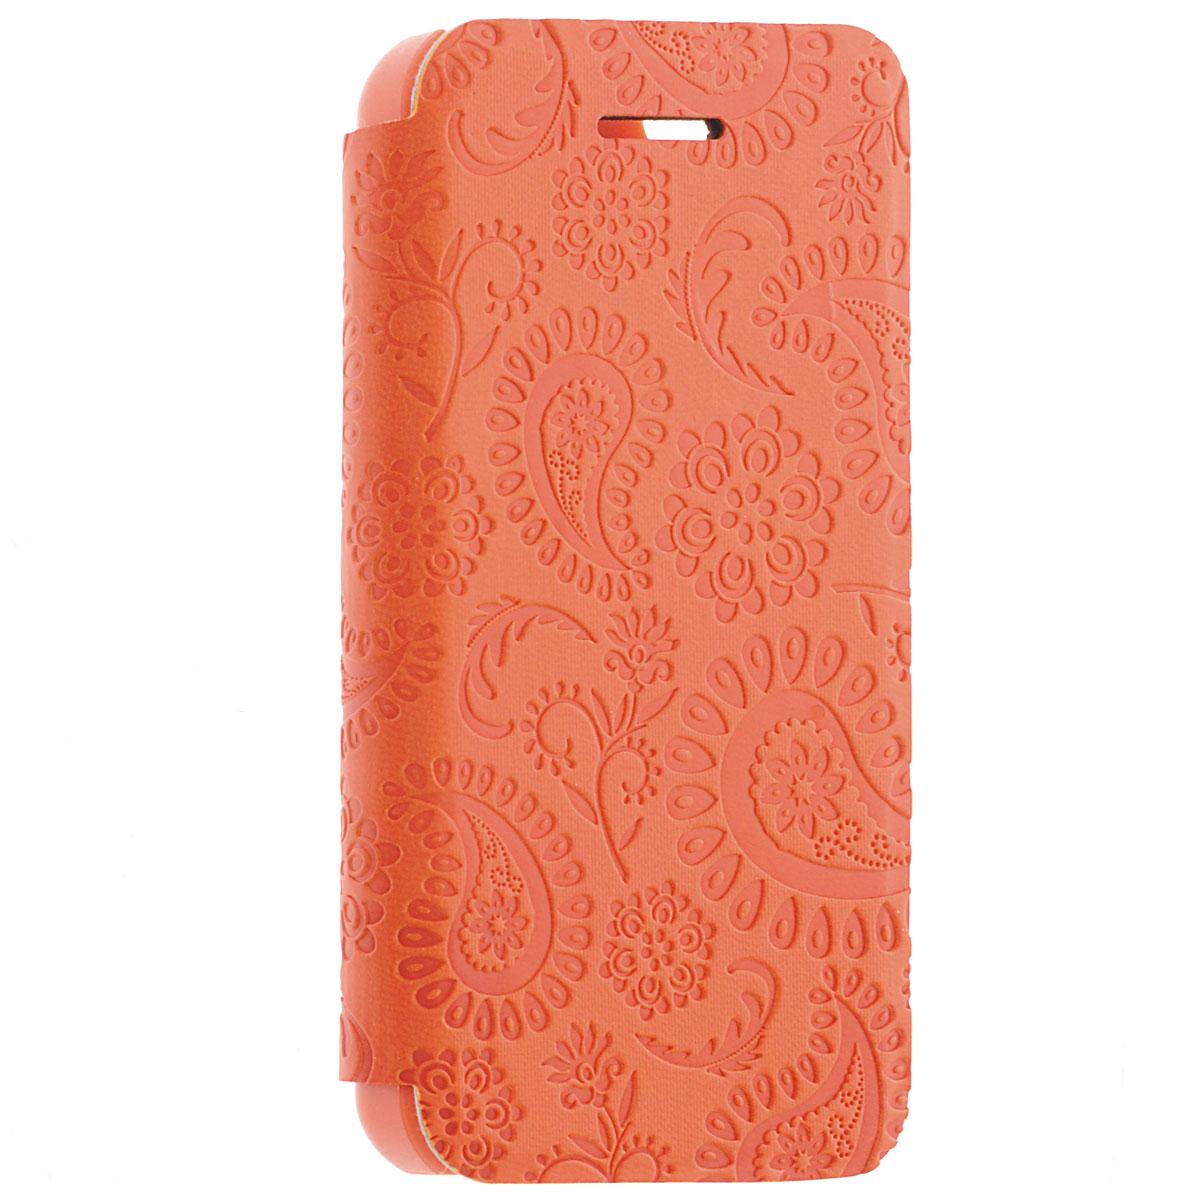 Gissar Paisley чехол для Apple iPhone 5c, Orange51266Чехол Gissar Paisley для iPhone 5C предназначен для защиты корпуса смартфона от механических повреждений и царапин в процессе эксплуатации. Имеет свободный доступ ко всем разъемам и кнопкам устройства.